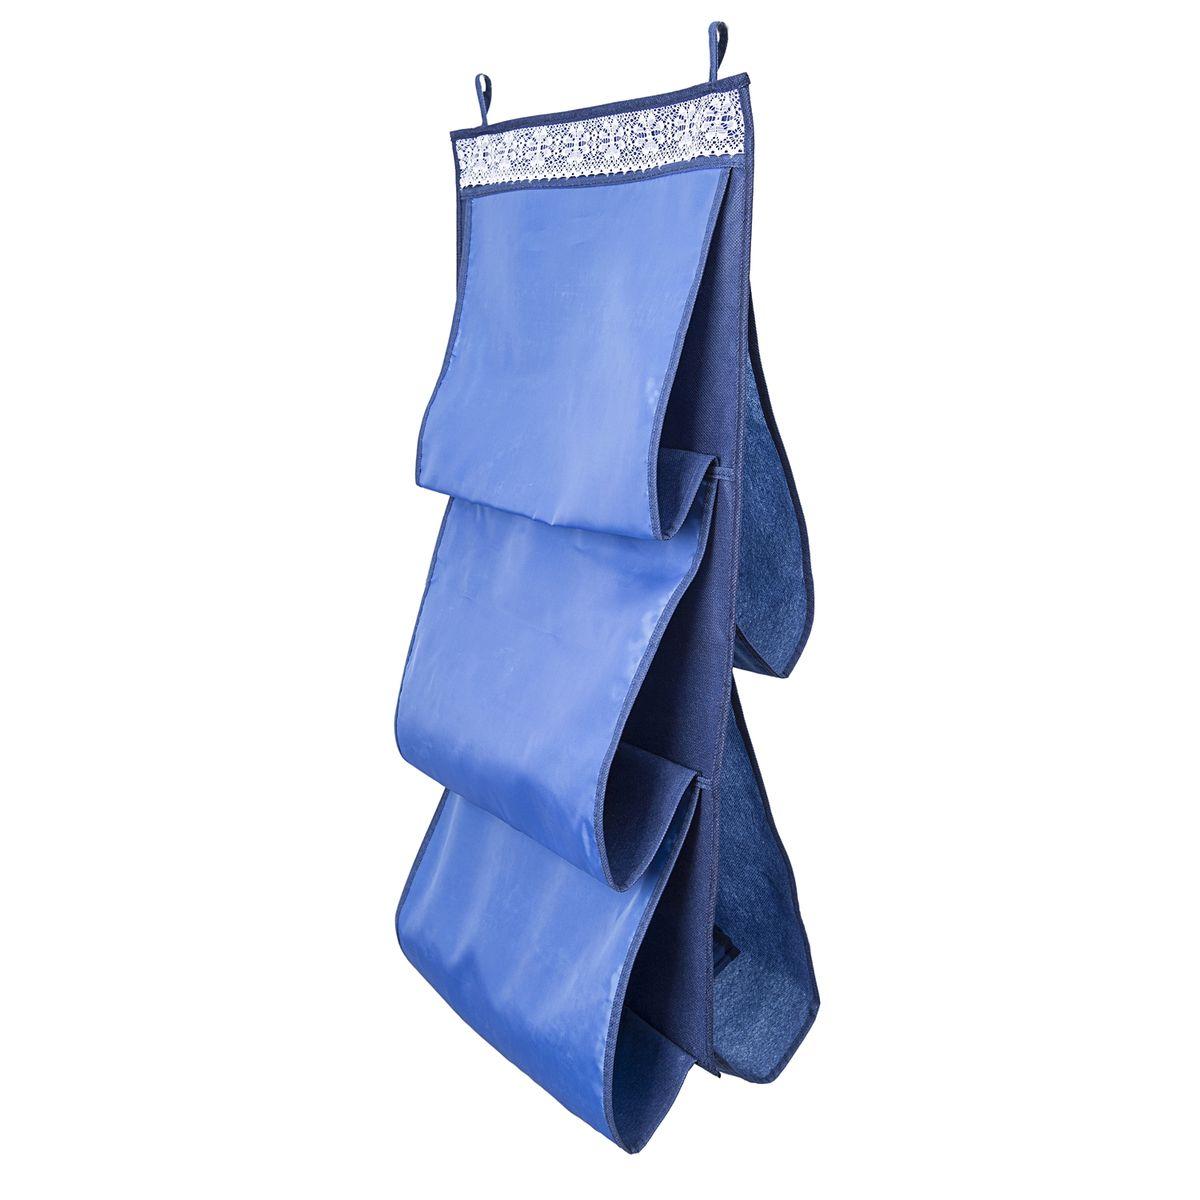 Органайзер в шкаф Homsu Winter для сумок, 40 х 70 смHOM-306Подвесной двусторонний органайзер с 5 раздельными ячейками шириной 40 см очень удобен для хранения вещей в вашем шкафу. Идеально для сумок, клатчей и других вещей ежедневного пользования. Фактический цвет может отличаться от заявленного.